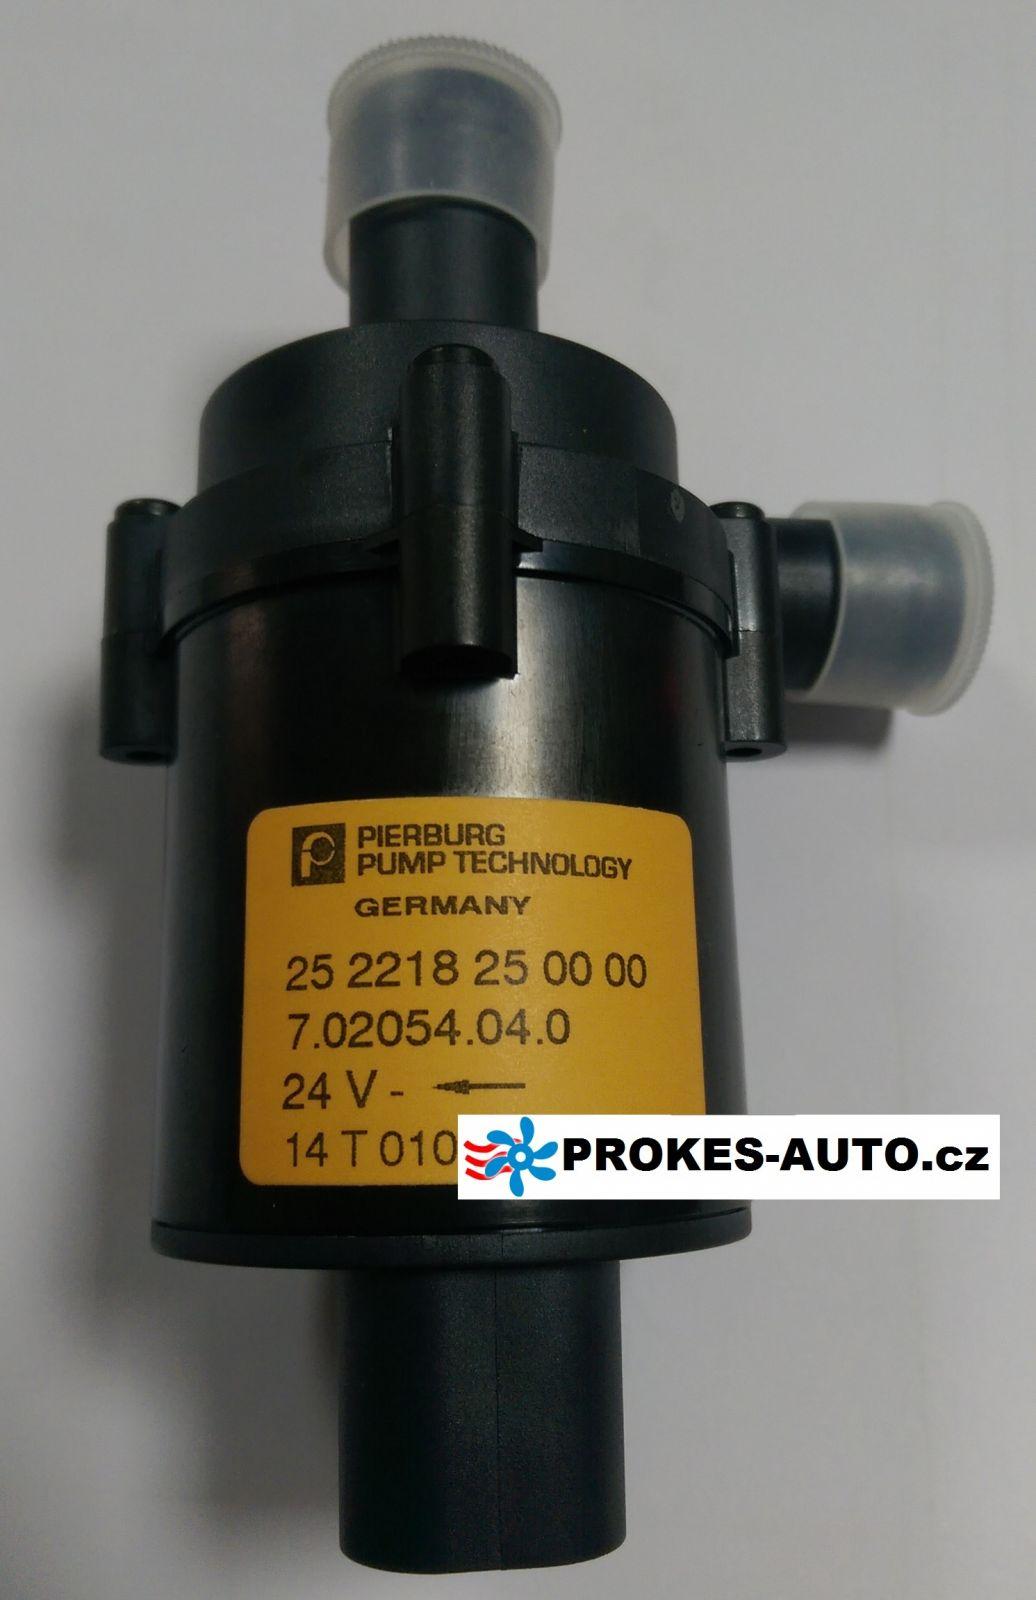 Vodní čerpadlo Flowtronic 800 S 24V 252218250000 / 7.02054.04.0 Eberspächer